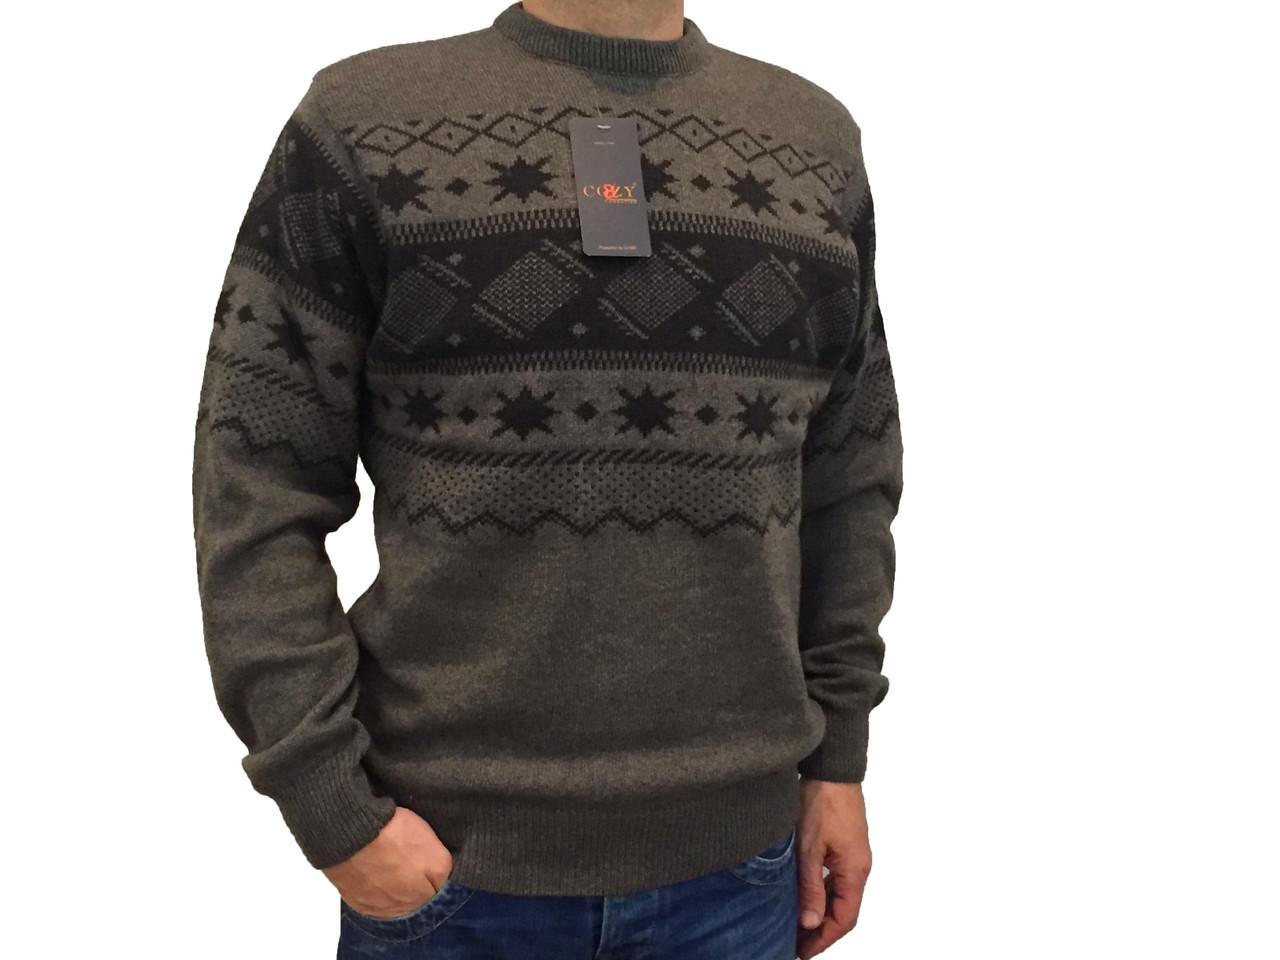 Мужской теплый свитер № 1725 коричневый с узором